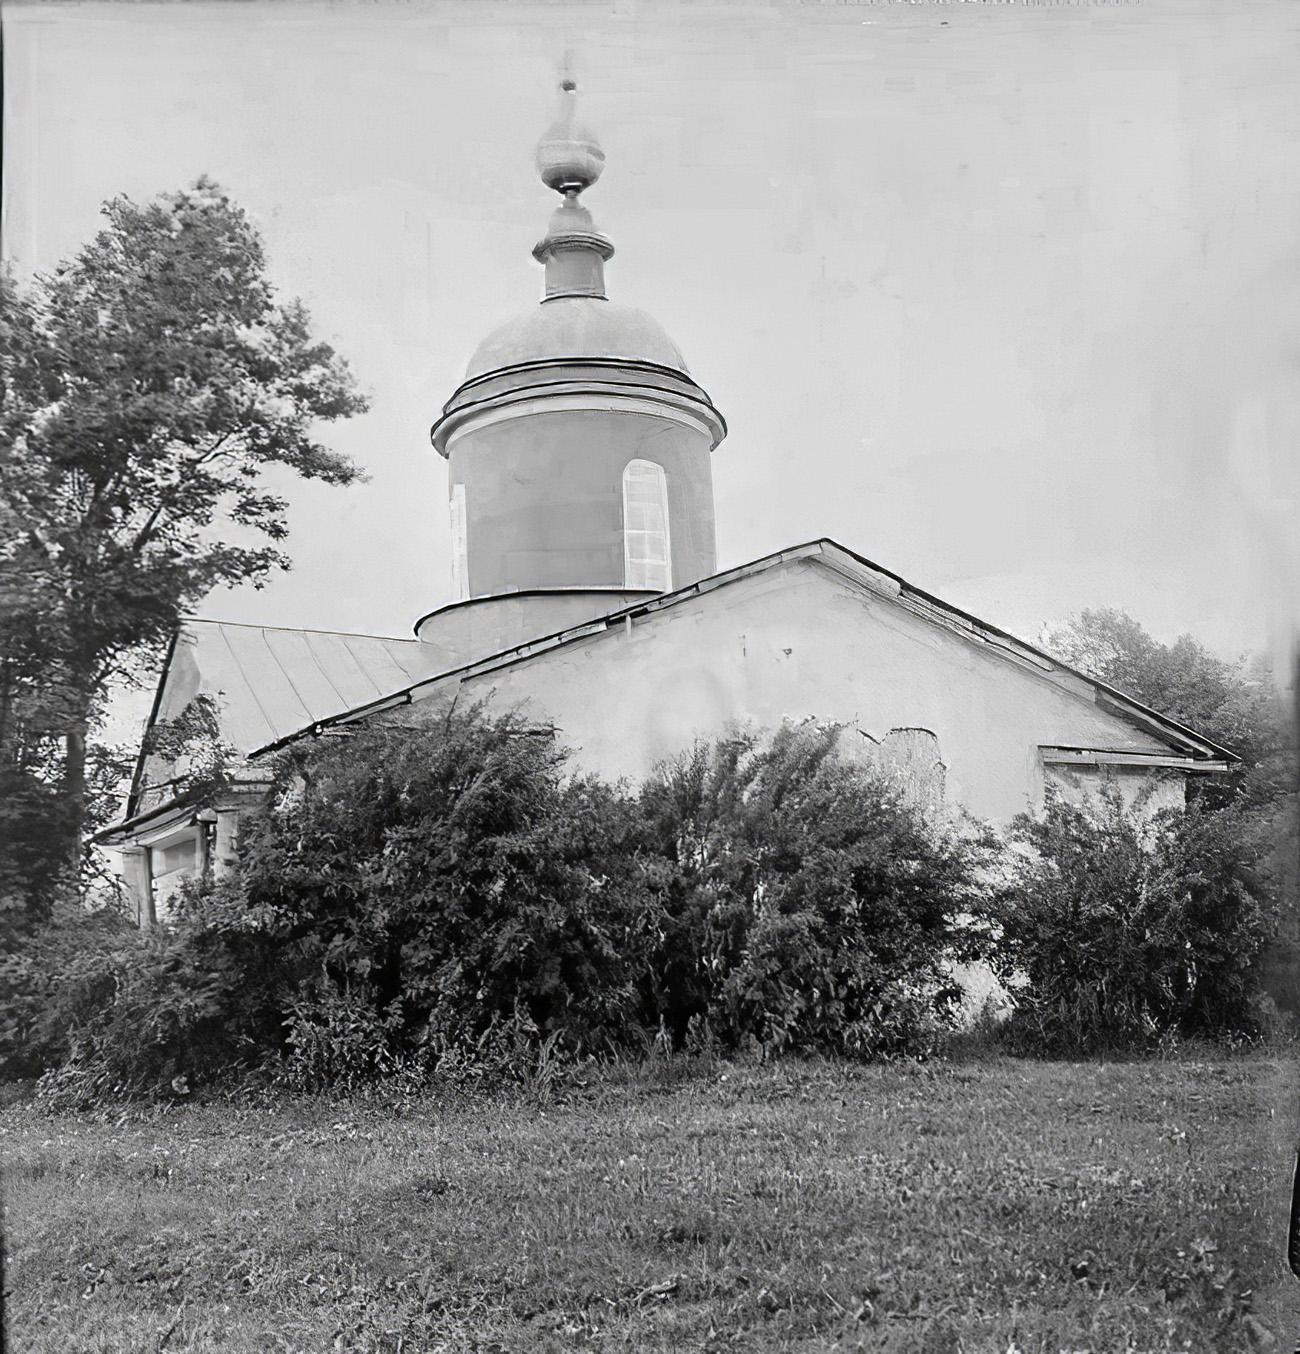 1920е Усадьба Очаково. Троицкая церковь, 1850 г. Общий вид с юго-запада. Торопов С.А.